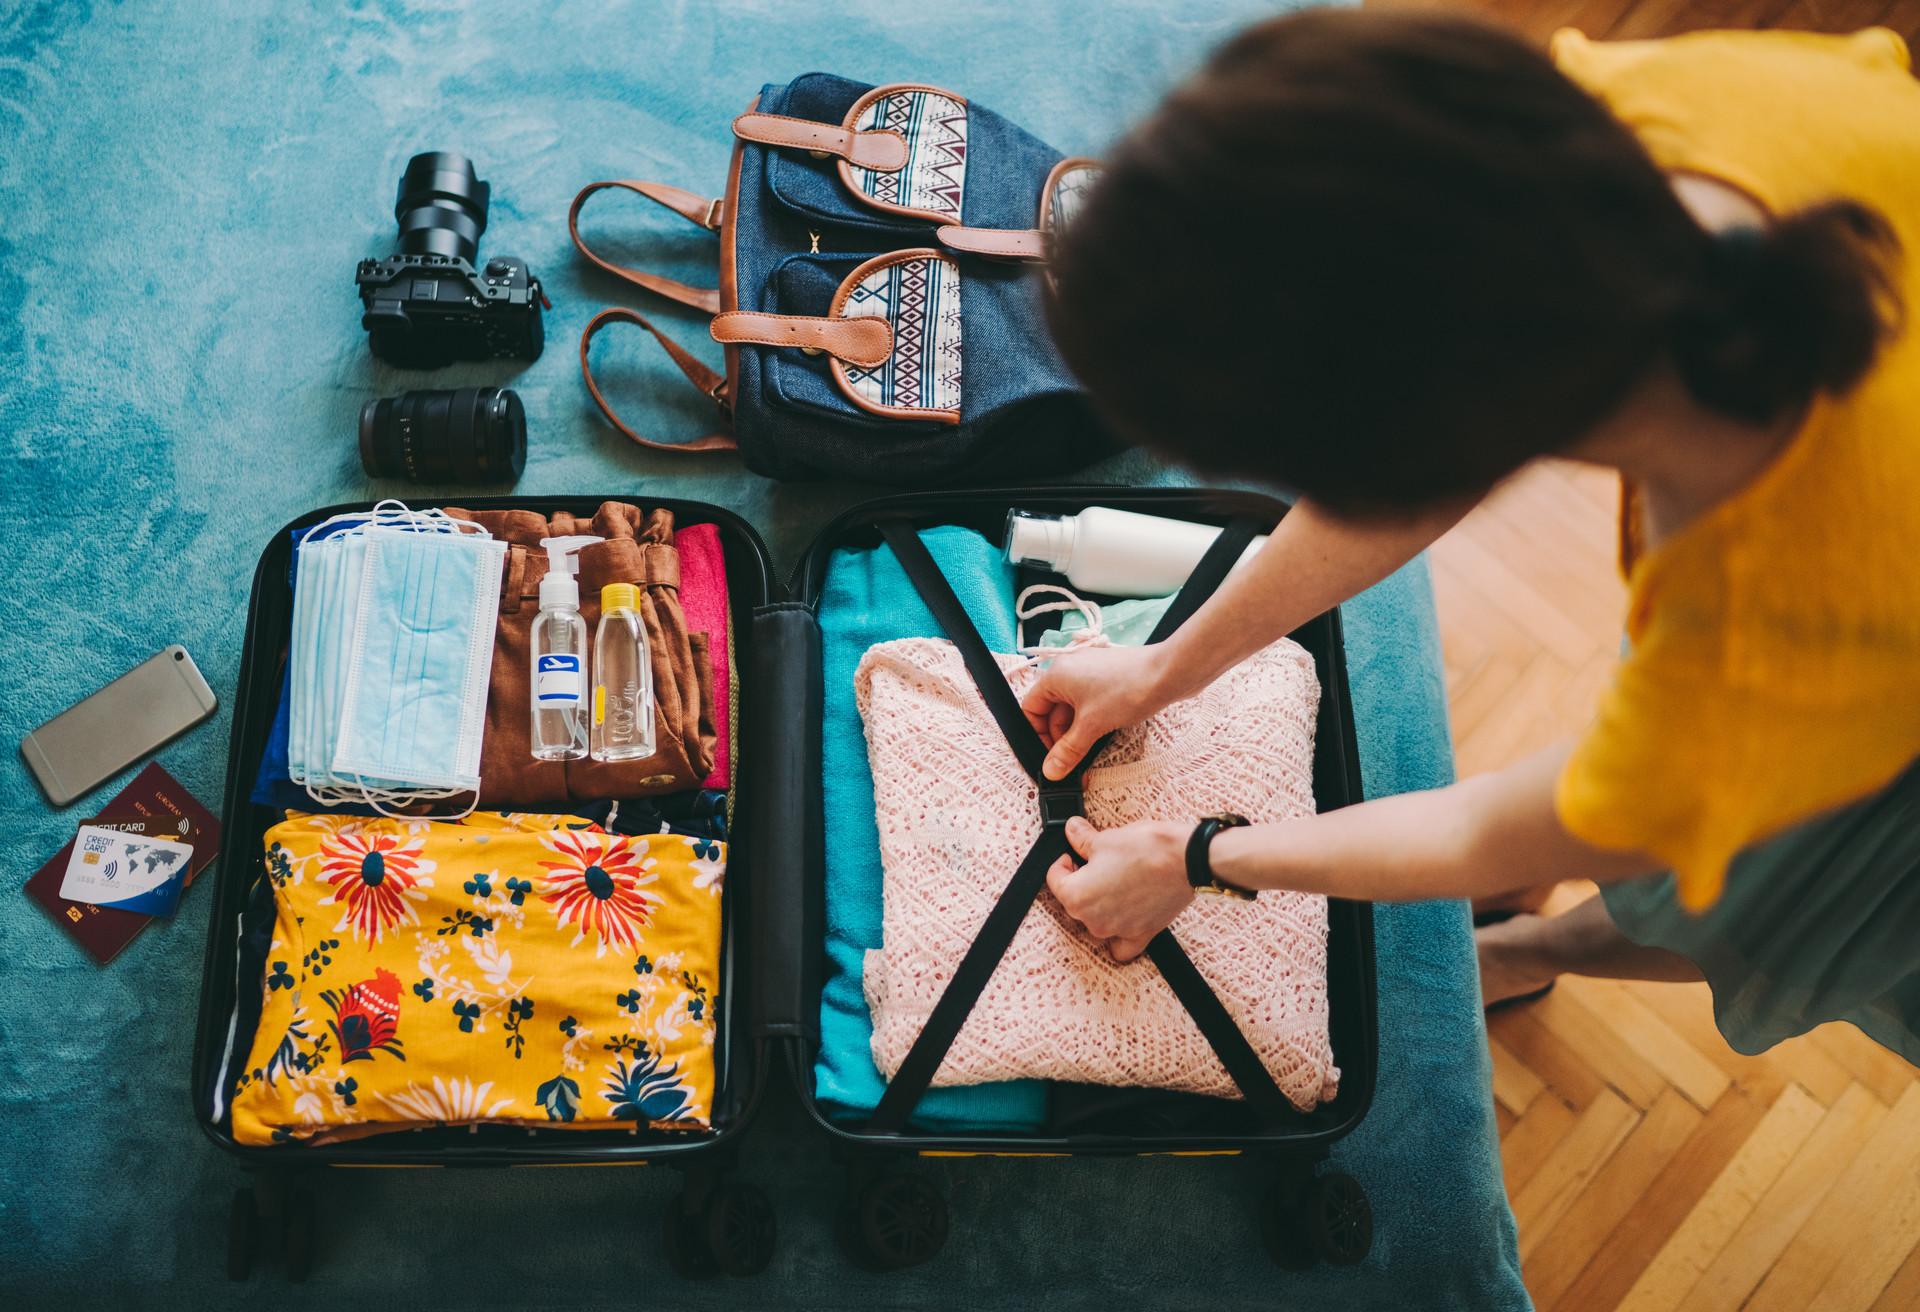 Cenne rzeczy jadą w bagażu podręcznym..